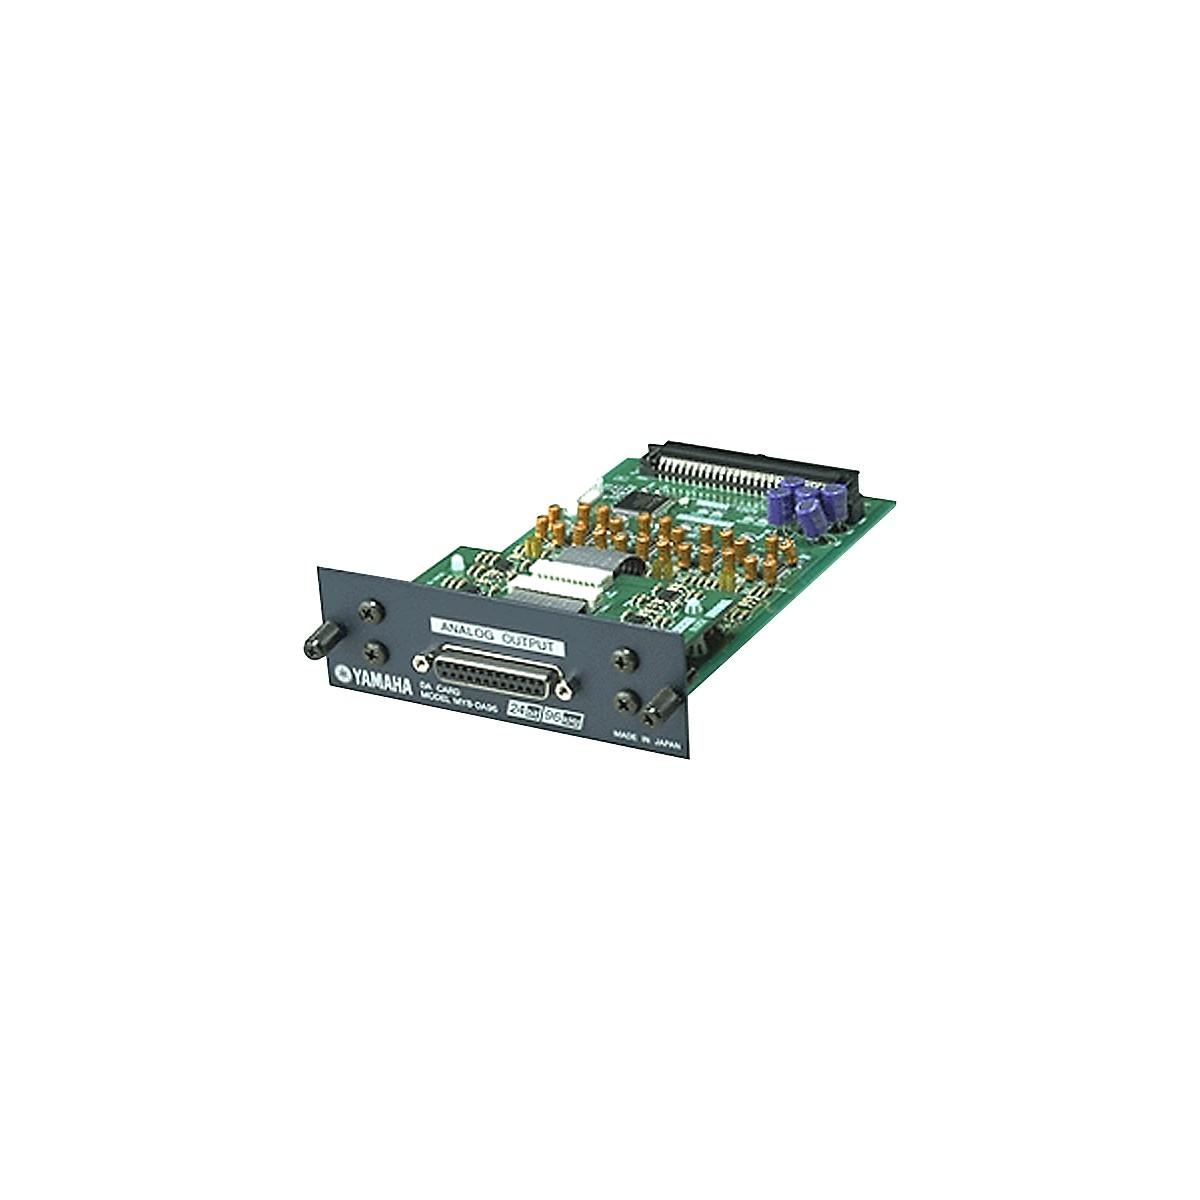 Yamaha MY8DA96 8-Channel 24-bit/96kHz analog line-level output card